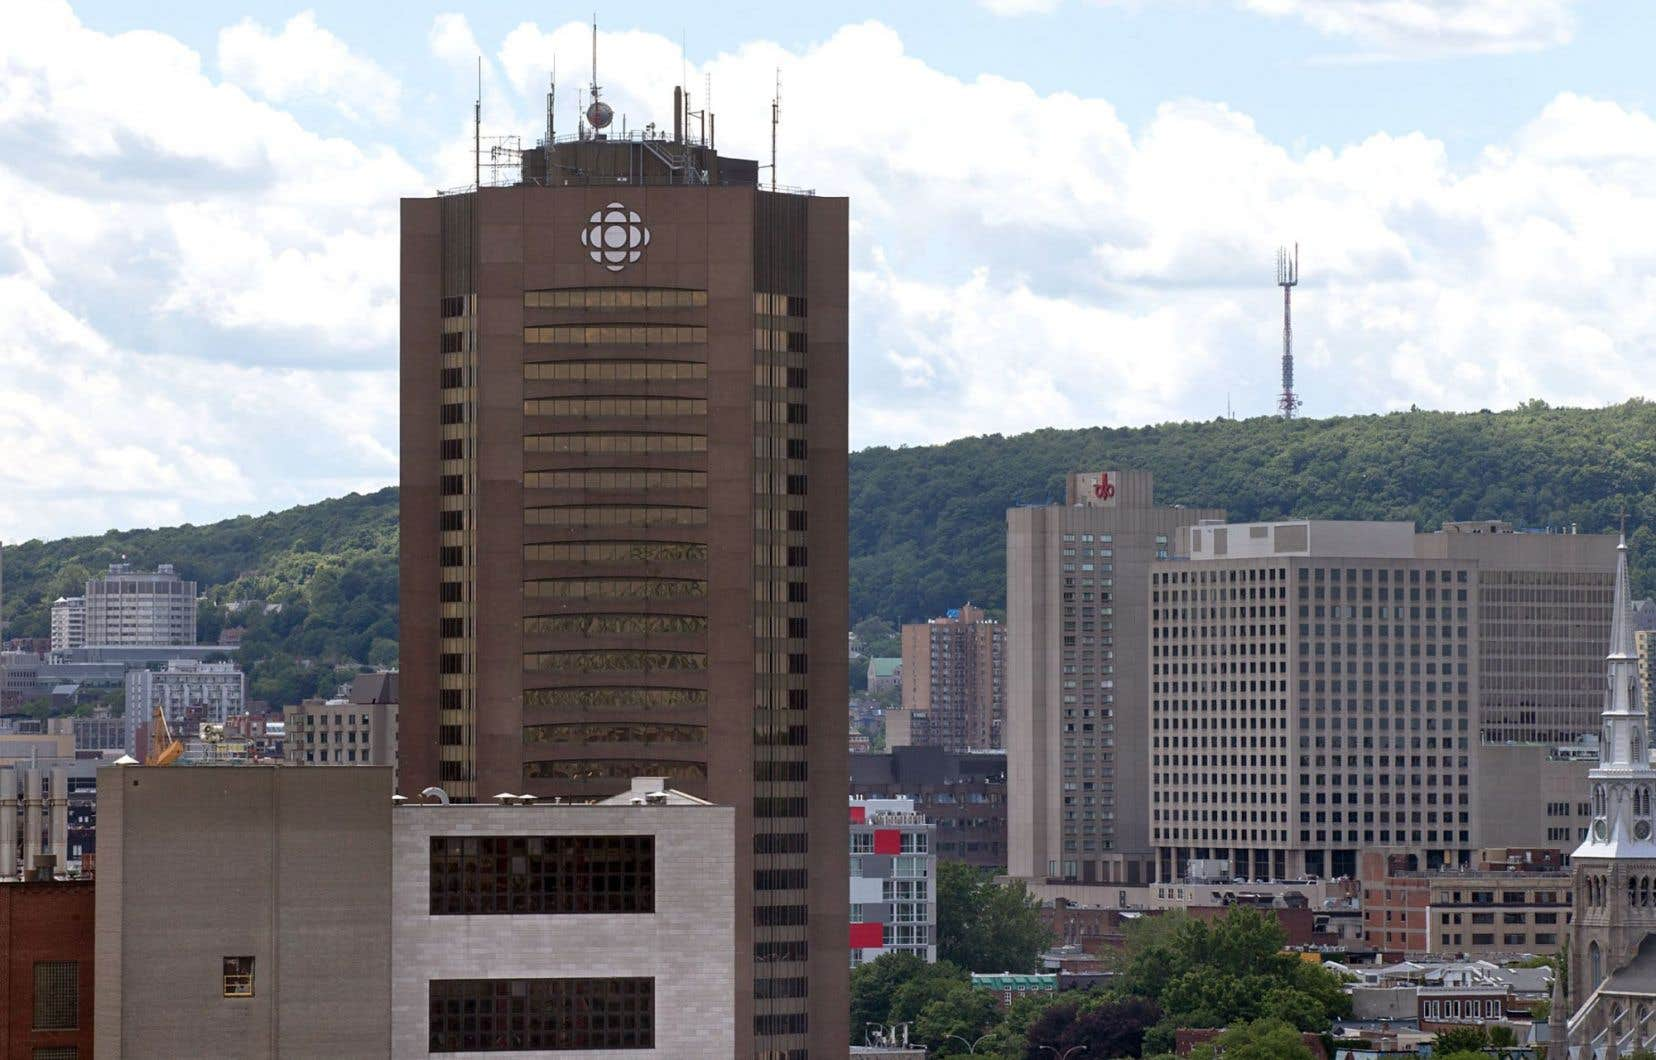 Le conseil d'administration de Radio-Canada ne comptera plus que 6 membres sur 12 le 21juin, ce qui risque de compliquer l'atteinte du quorum.